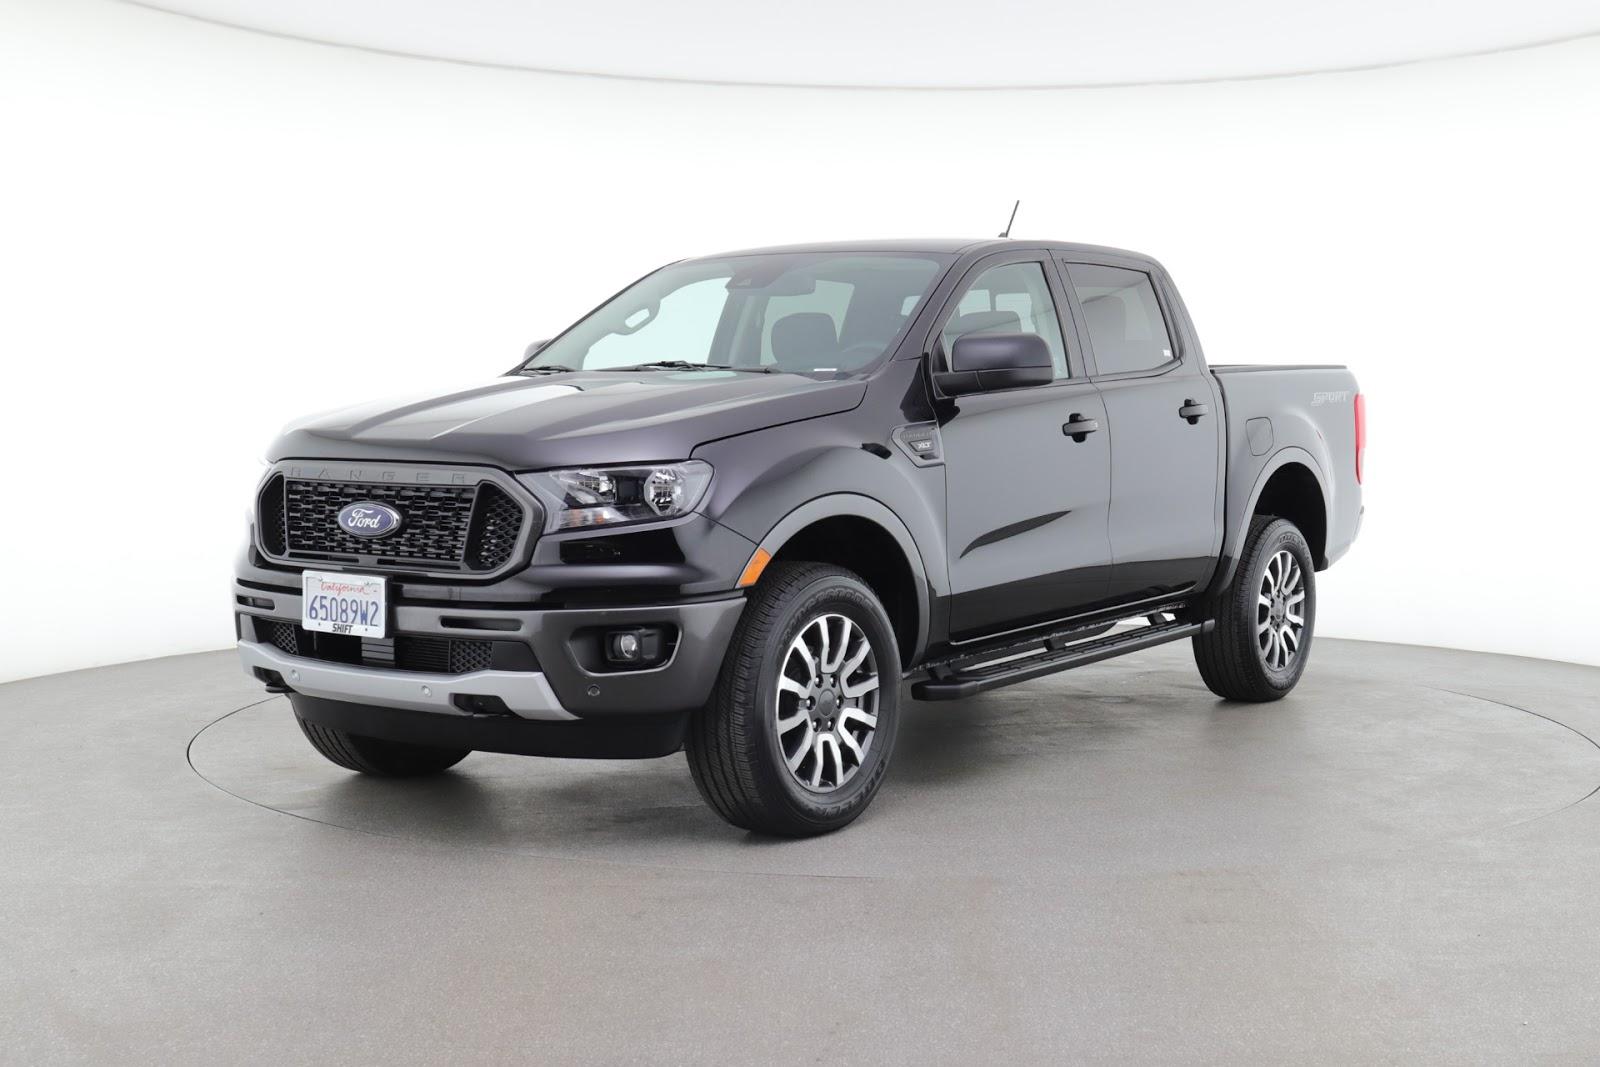 2019 Ford Ranger XLT (from $32,950)